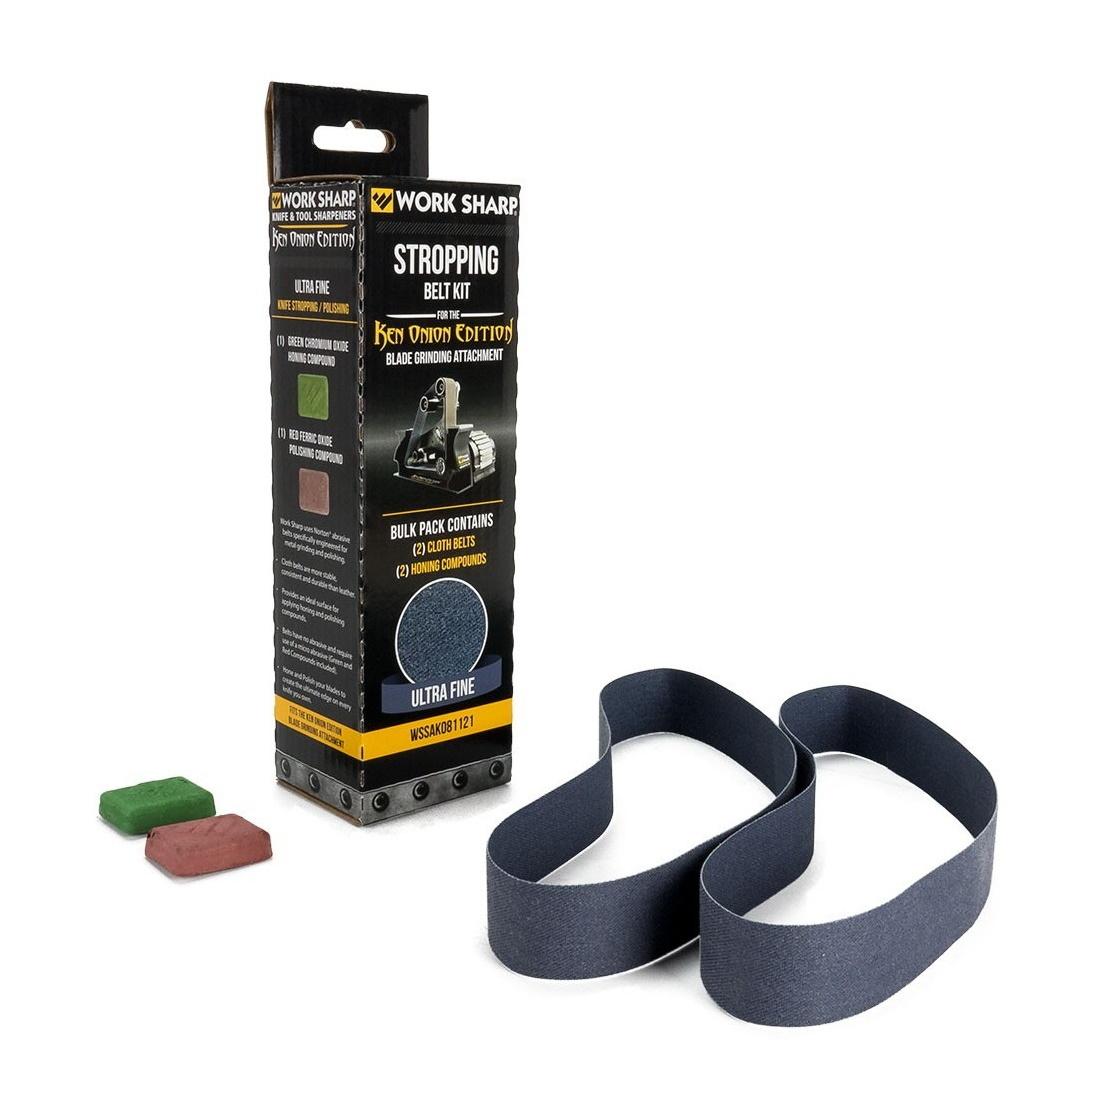 Набор сменных ремней Work Sharp с 2 видами полировочной пасты для электроточилки Ken Onion от Worksharp